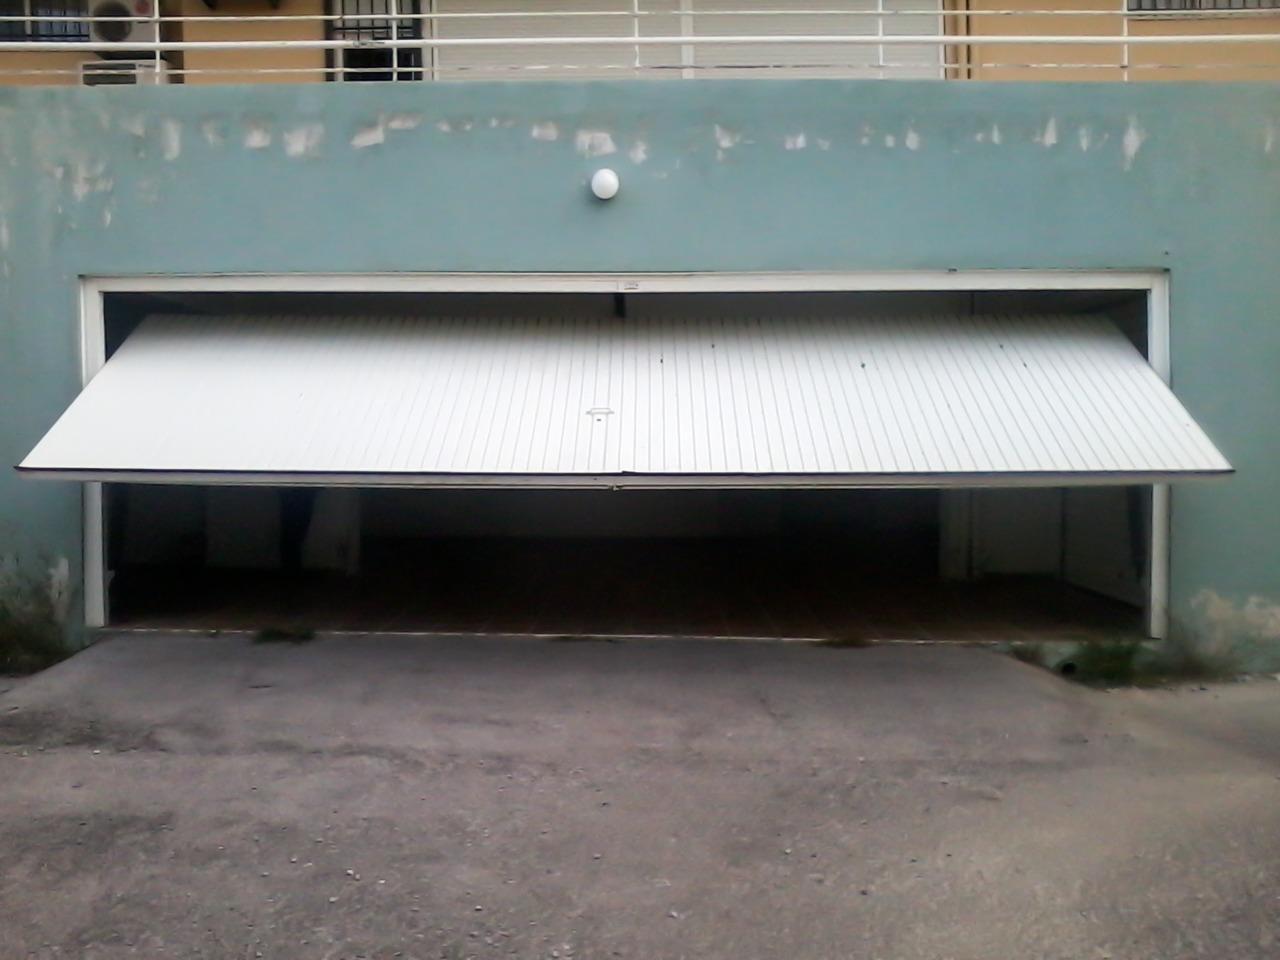 Εγκατάσταση Γκαραζόπορτας - Ρόδος